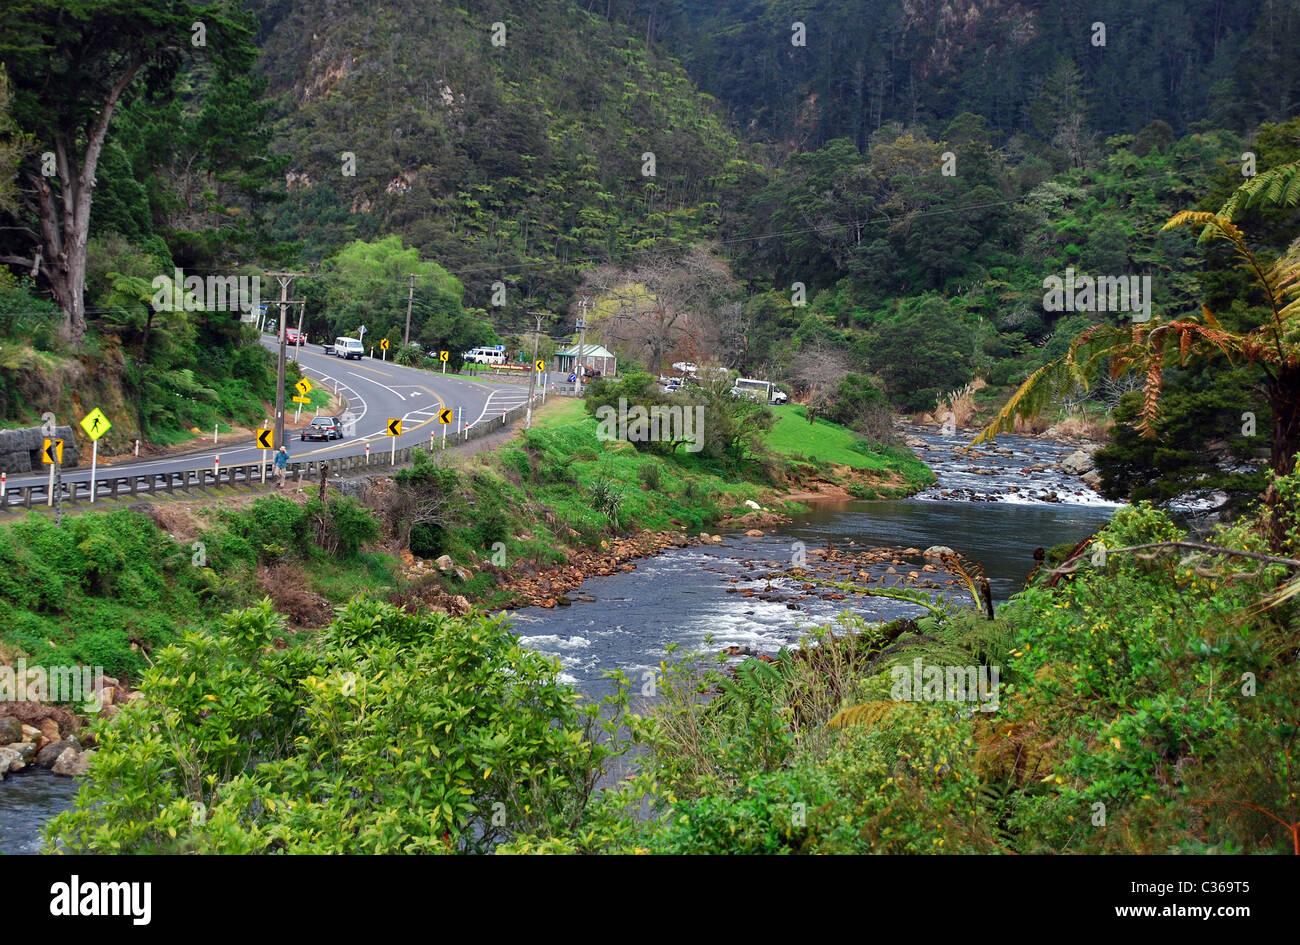 La Karangahake Gorge sur l'autoroute 2 entre et Waikino Paeroa, île du Nord Nouvelle-zélande Photo Stock